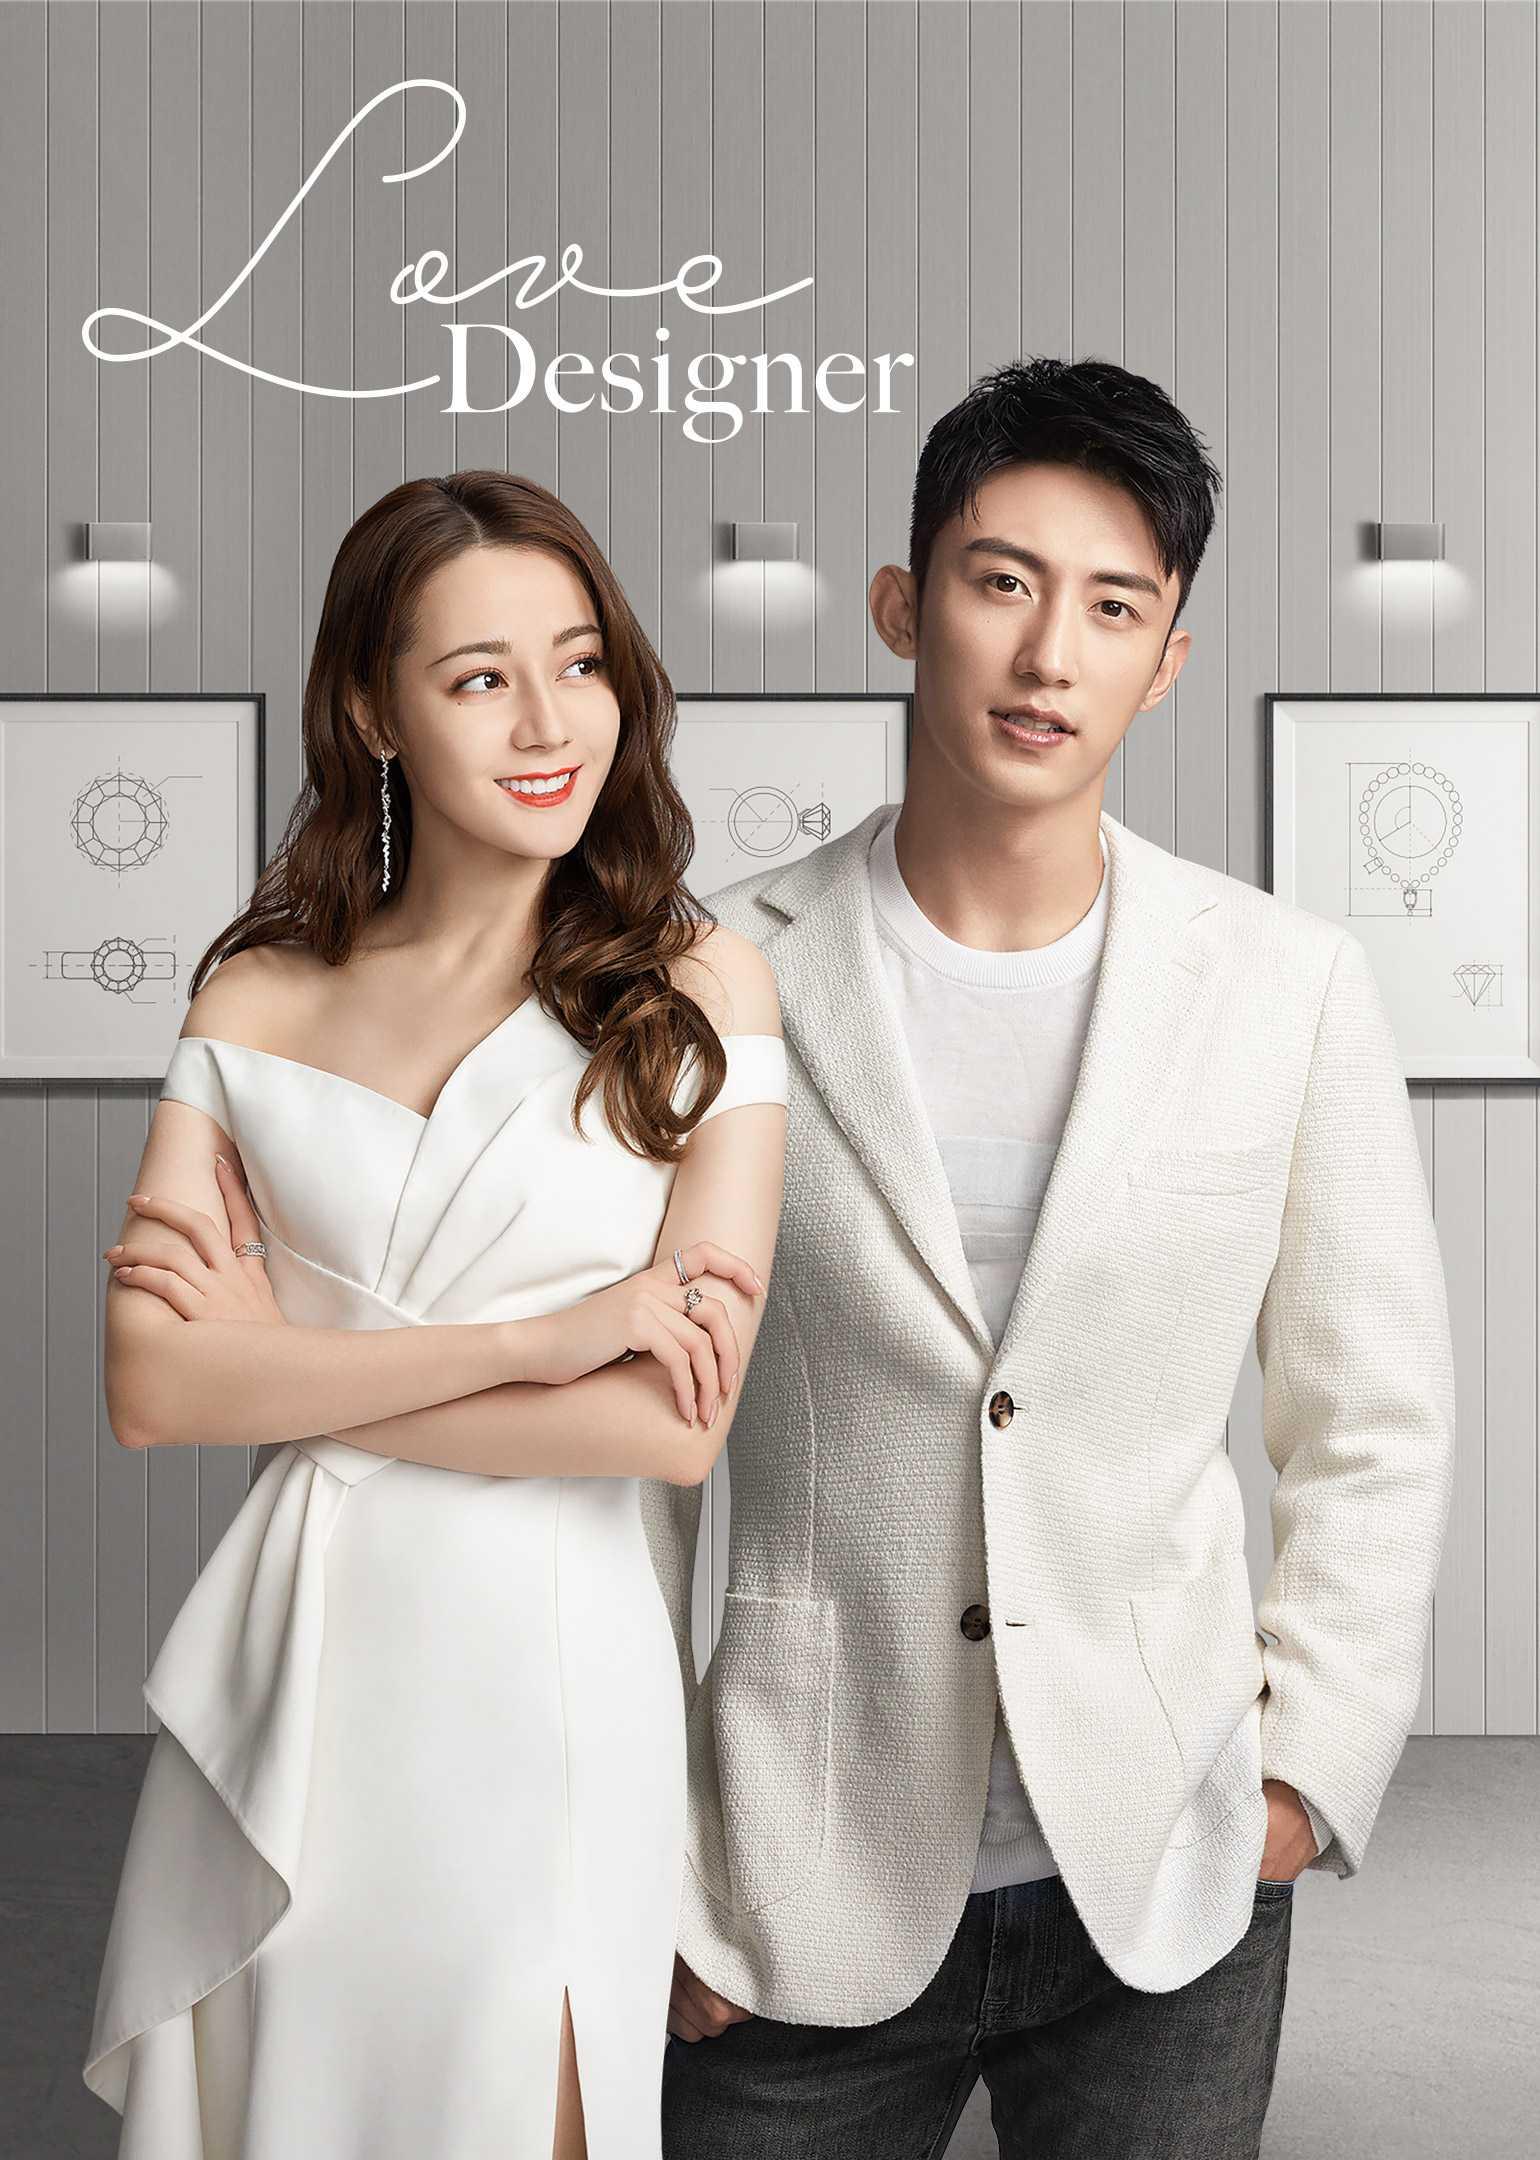 ออกแบบรักฉบับพิเศษ-love-designer-2020-ซับไทย-ตอนที่-1-21-ยังไม่จบ-